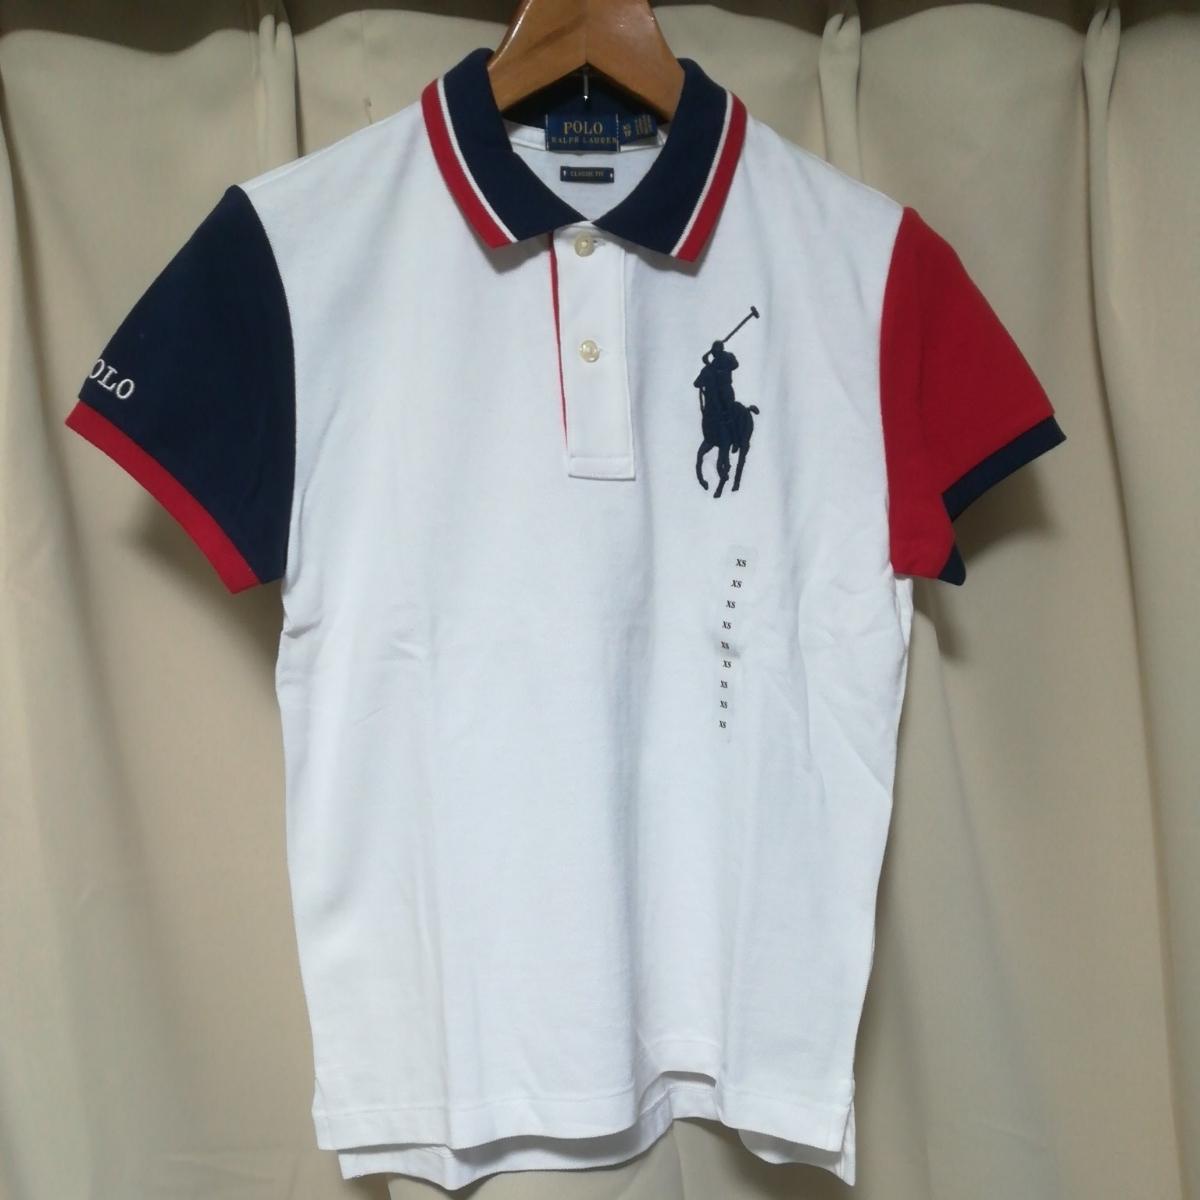 ラルフローレン ポロ レディース クラシックフィット ビッグポニー ポロシャツ XSサイズ